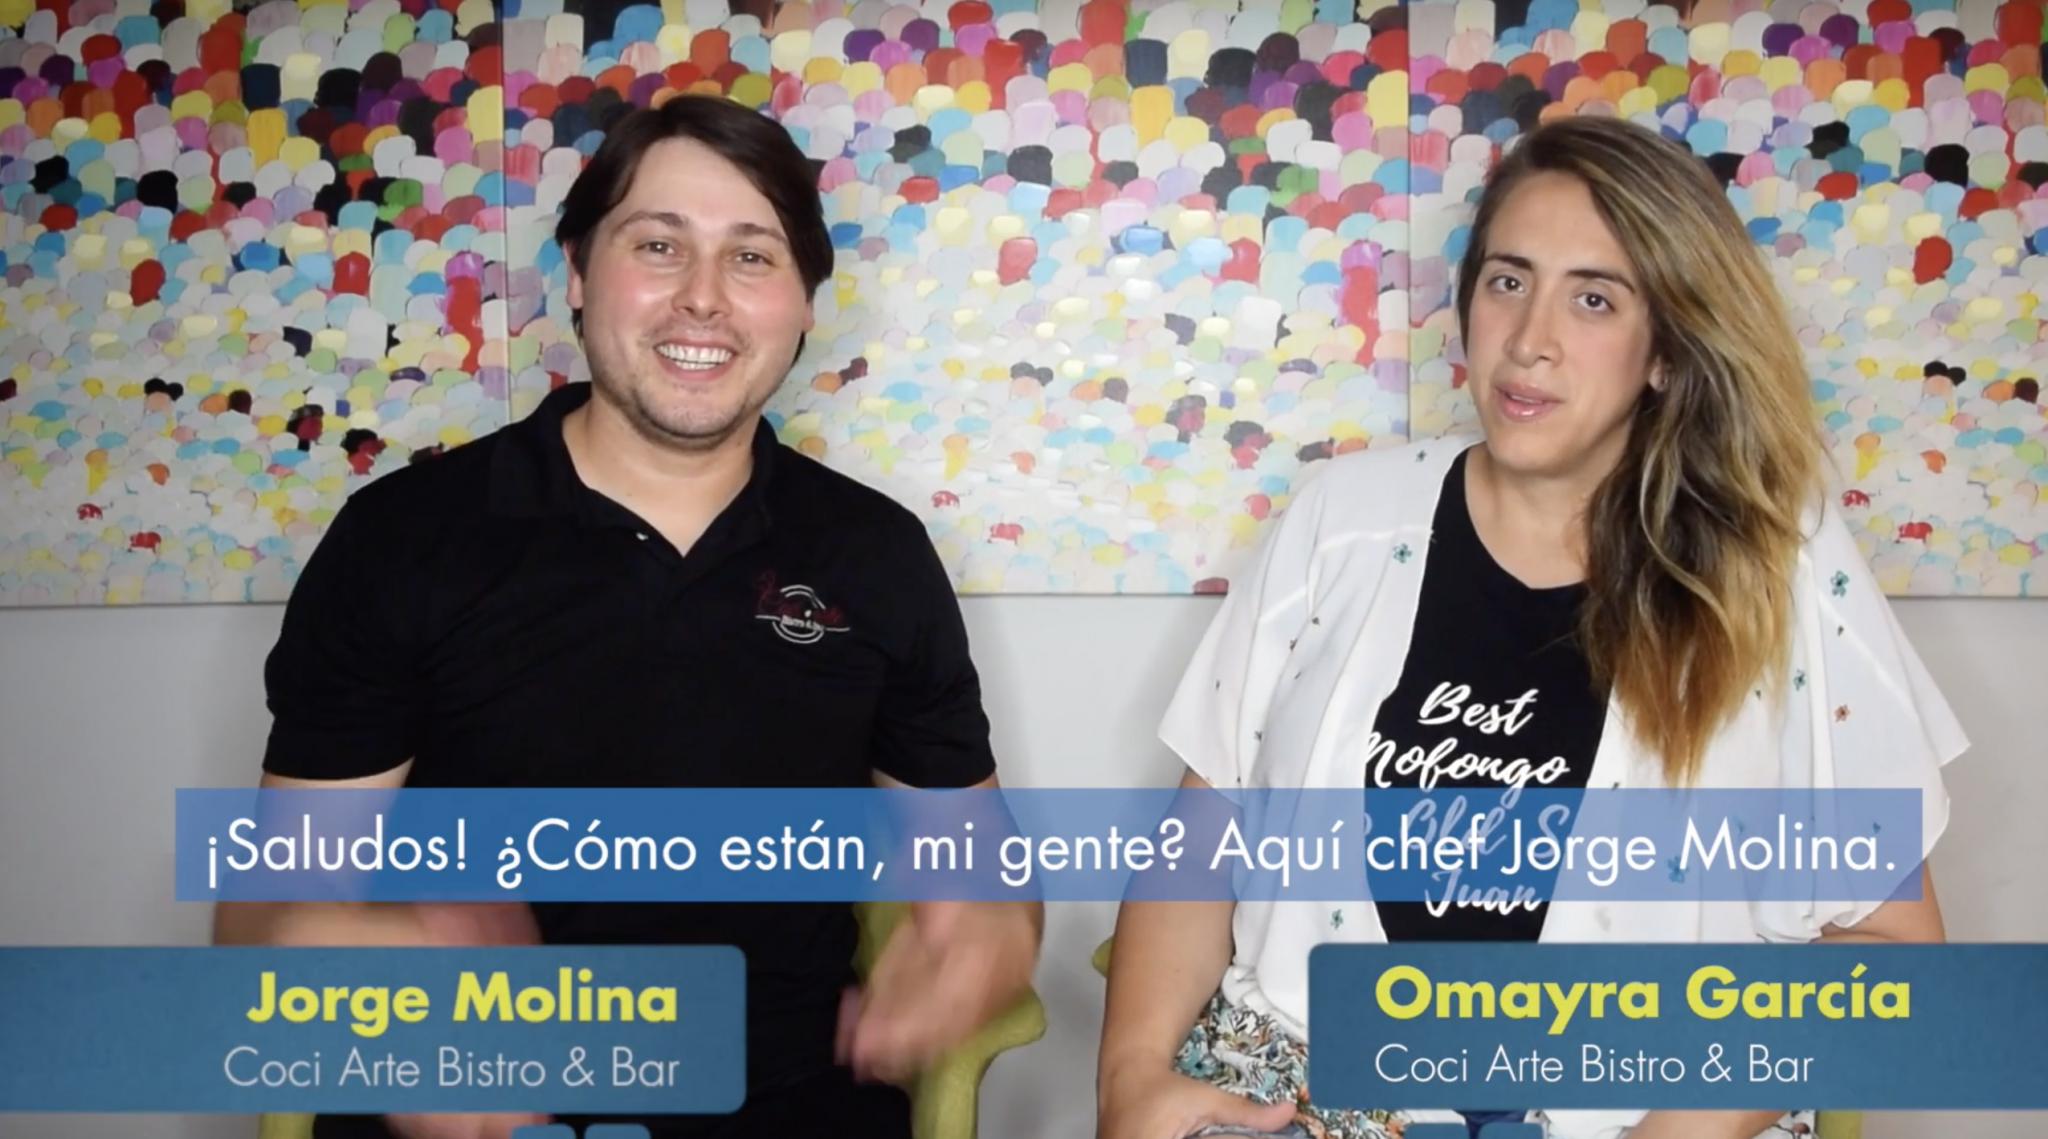 Empresarios que INspiran- Jorge Molina y Omayra García